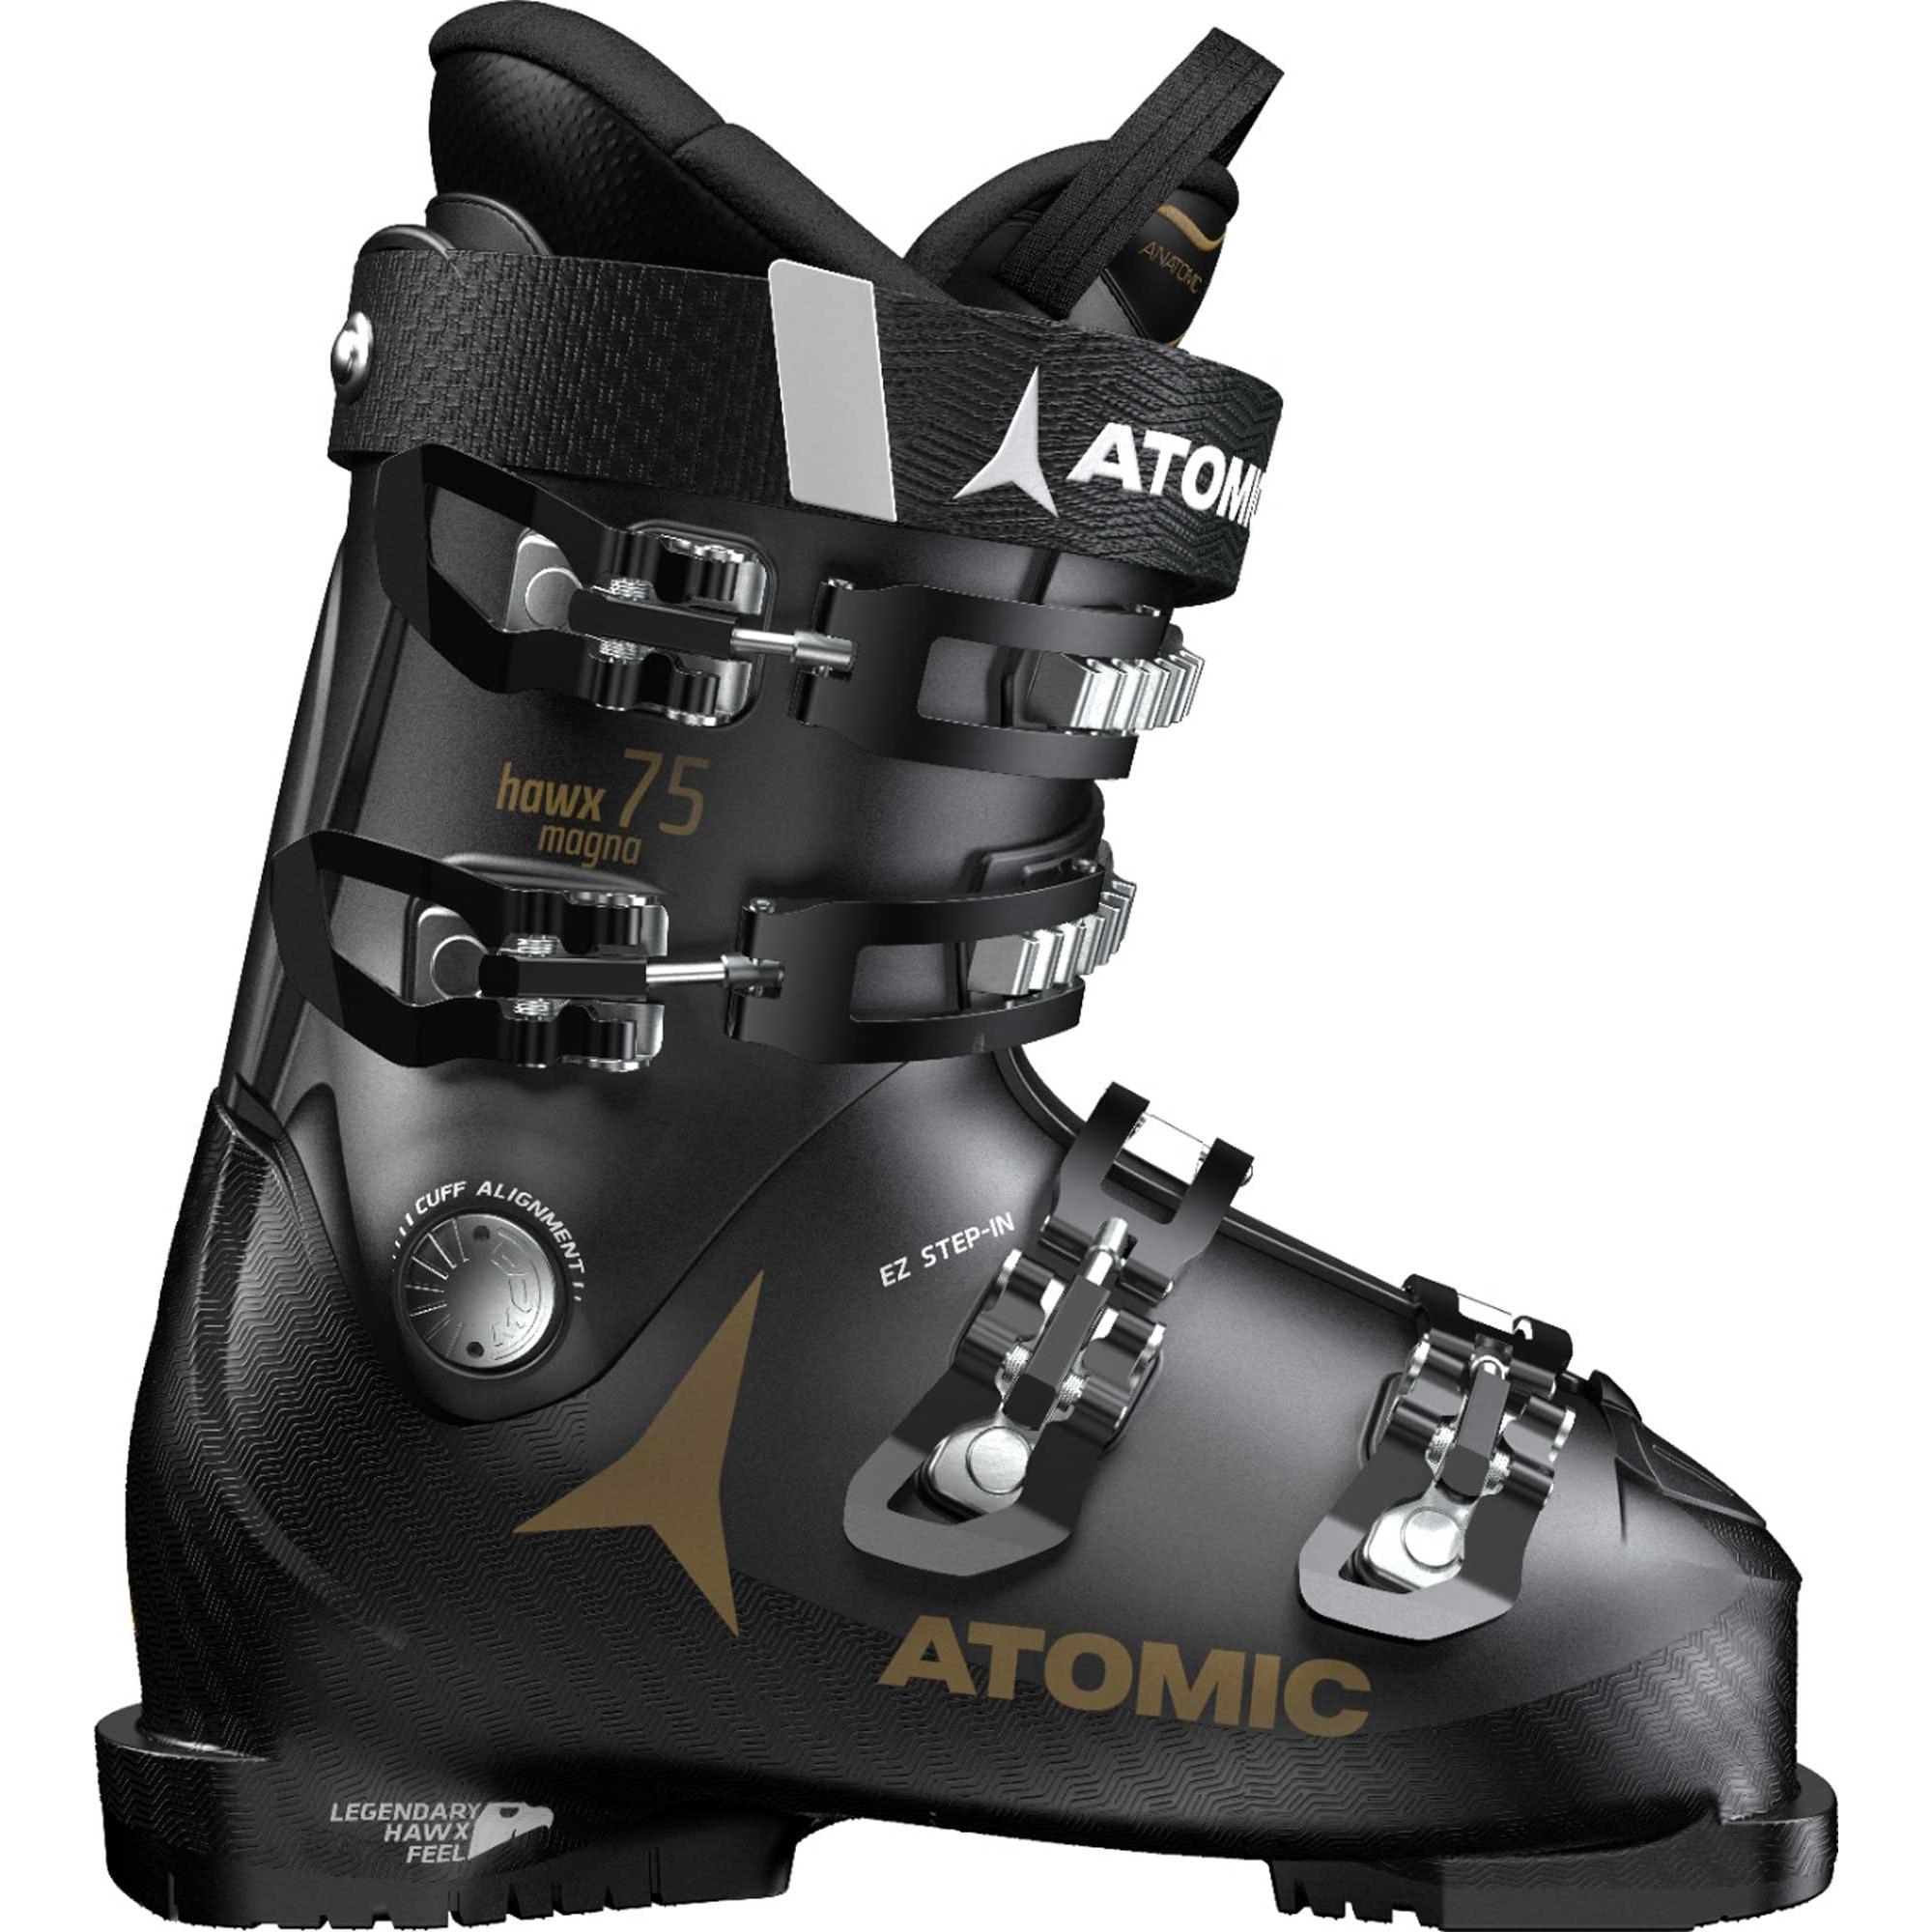 Fotografie Clapari ski Atomic Hawx Magna 75 pentru femei, Black/Gold, Negru/Auriu, 26, 26.5